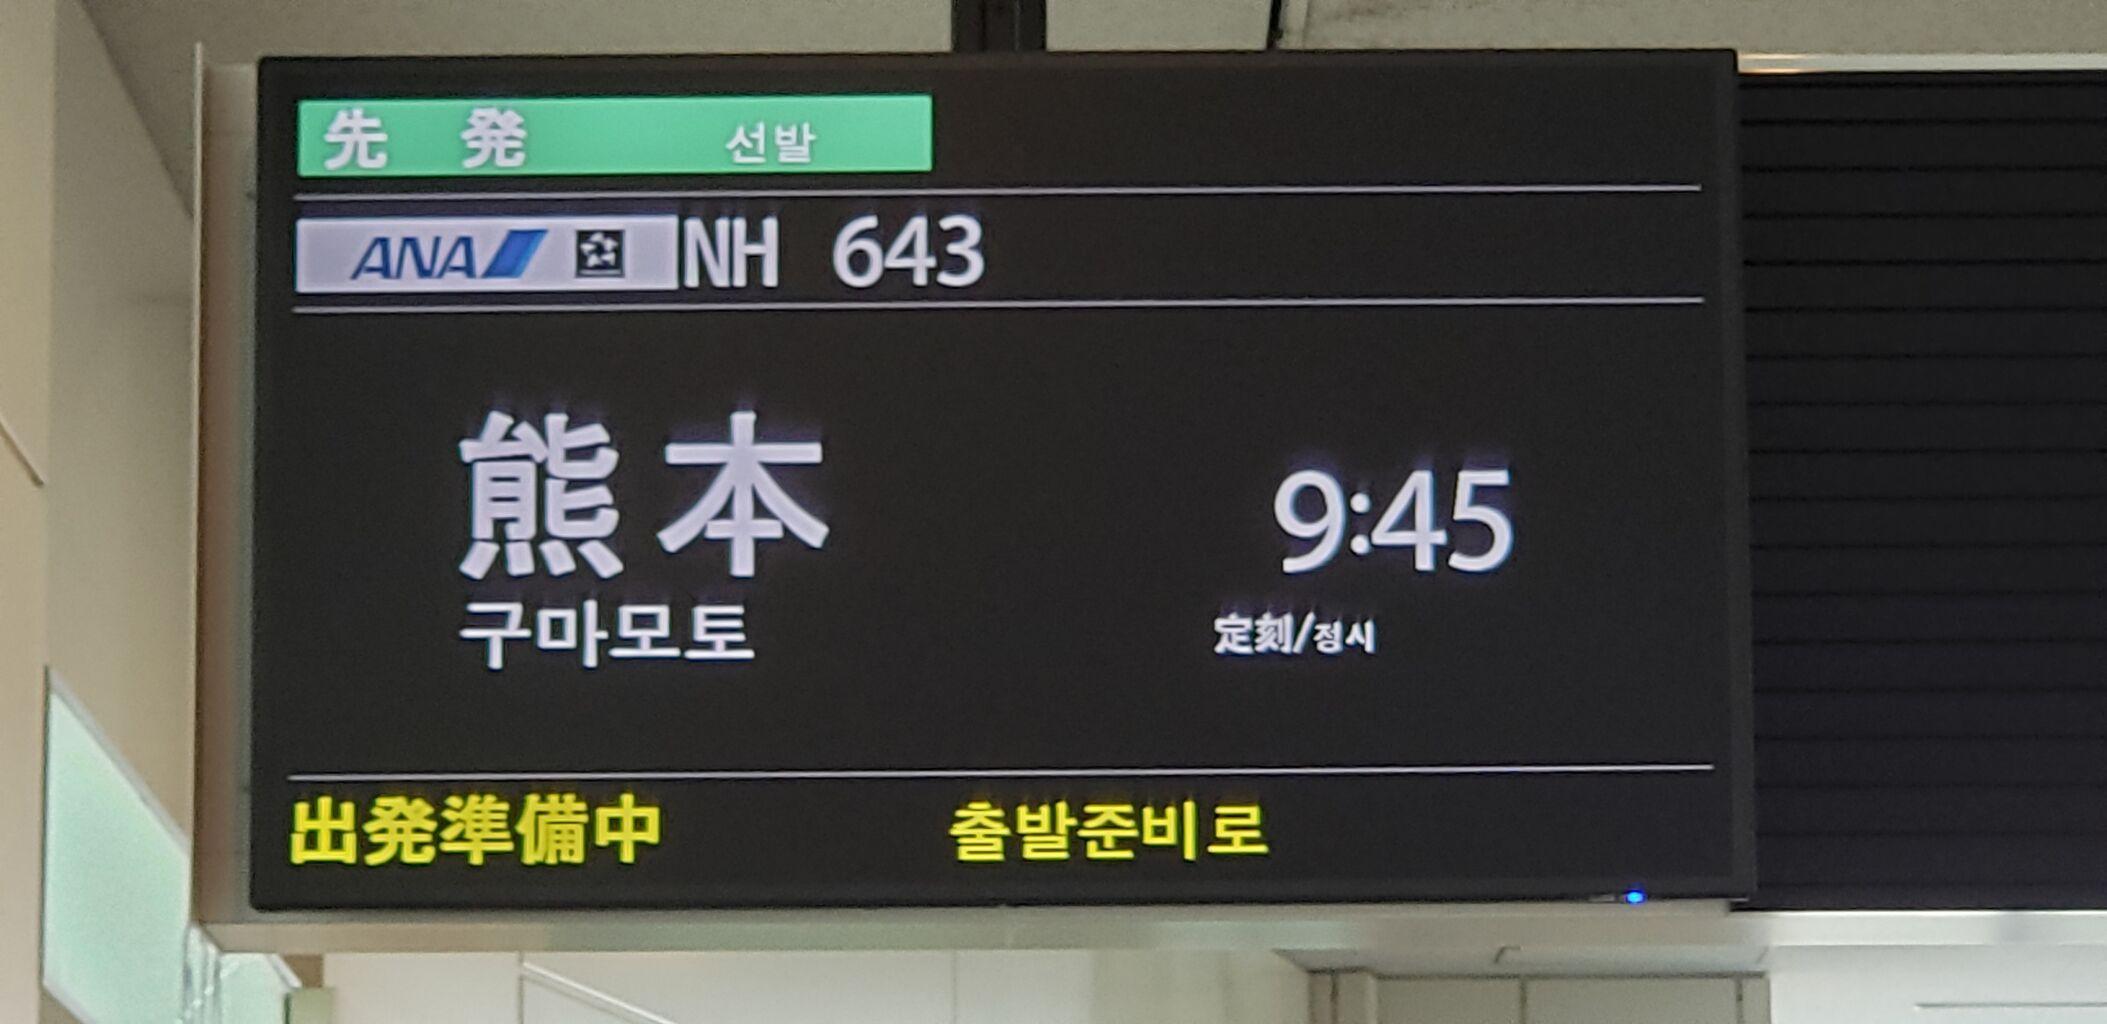 ロアッソ熊本掲示板